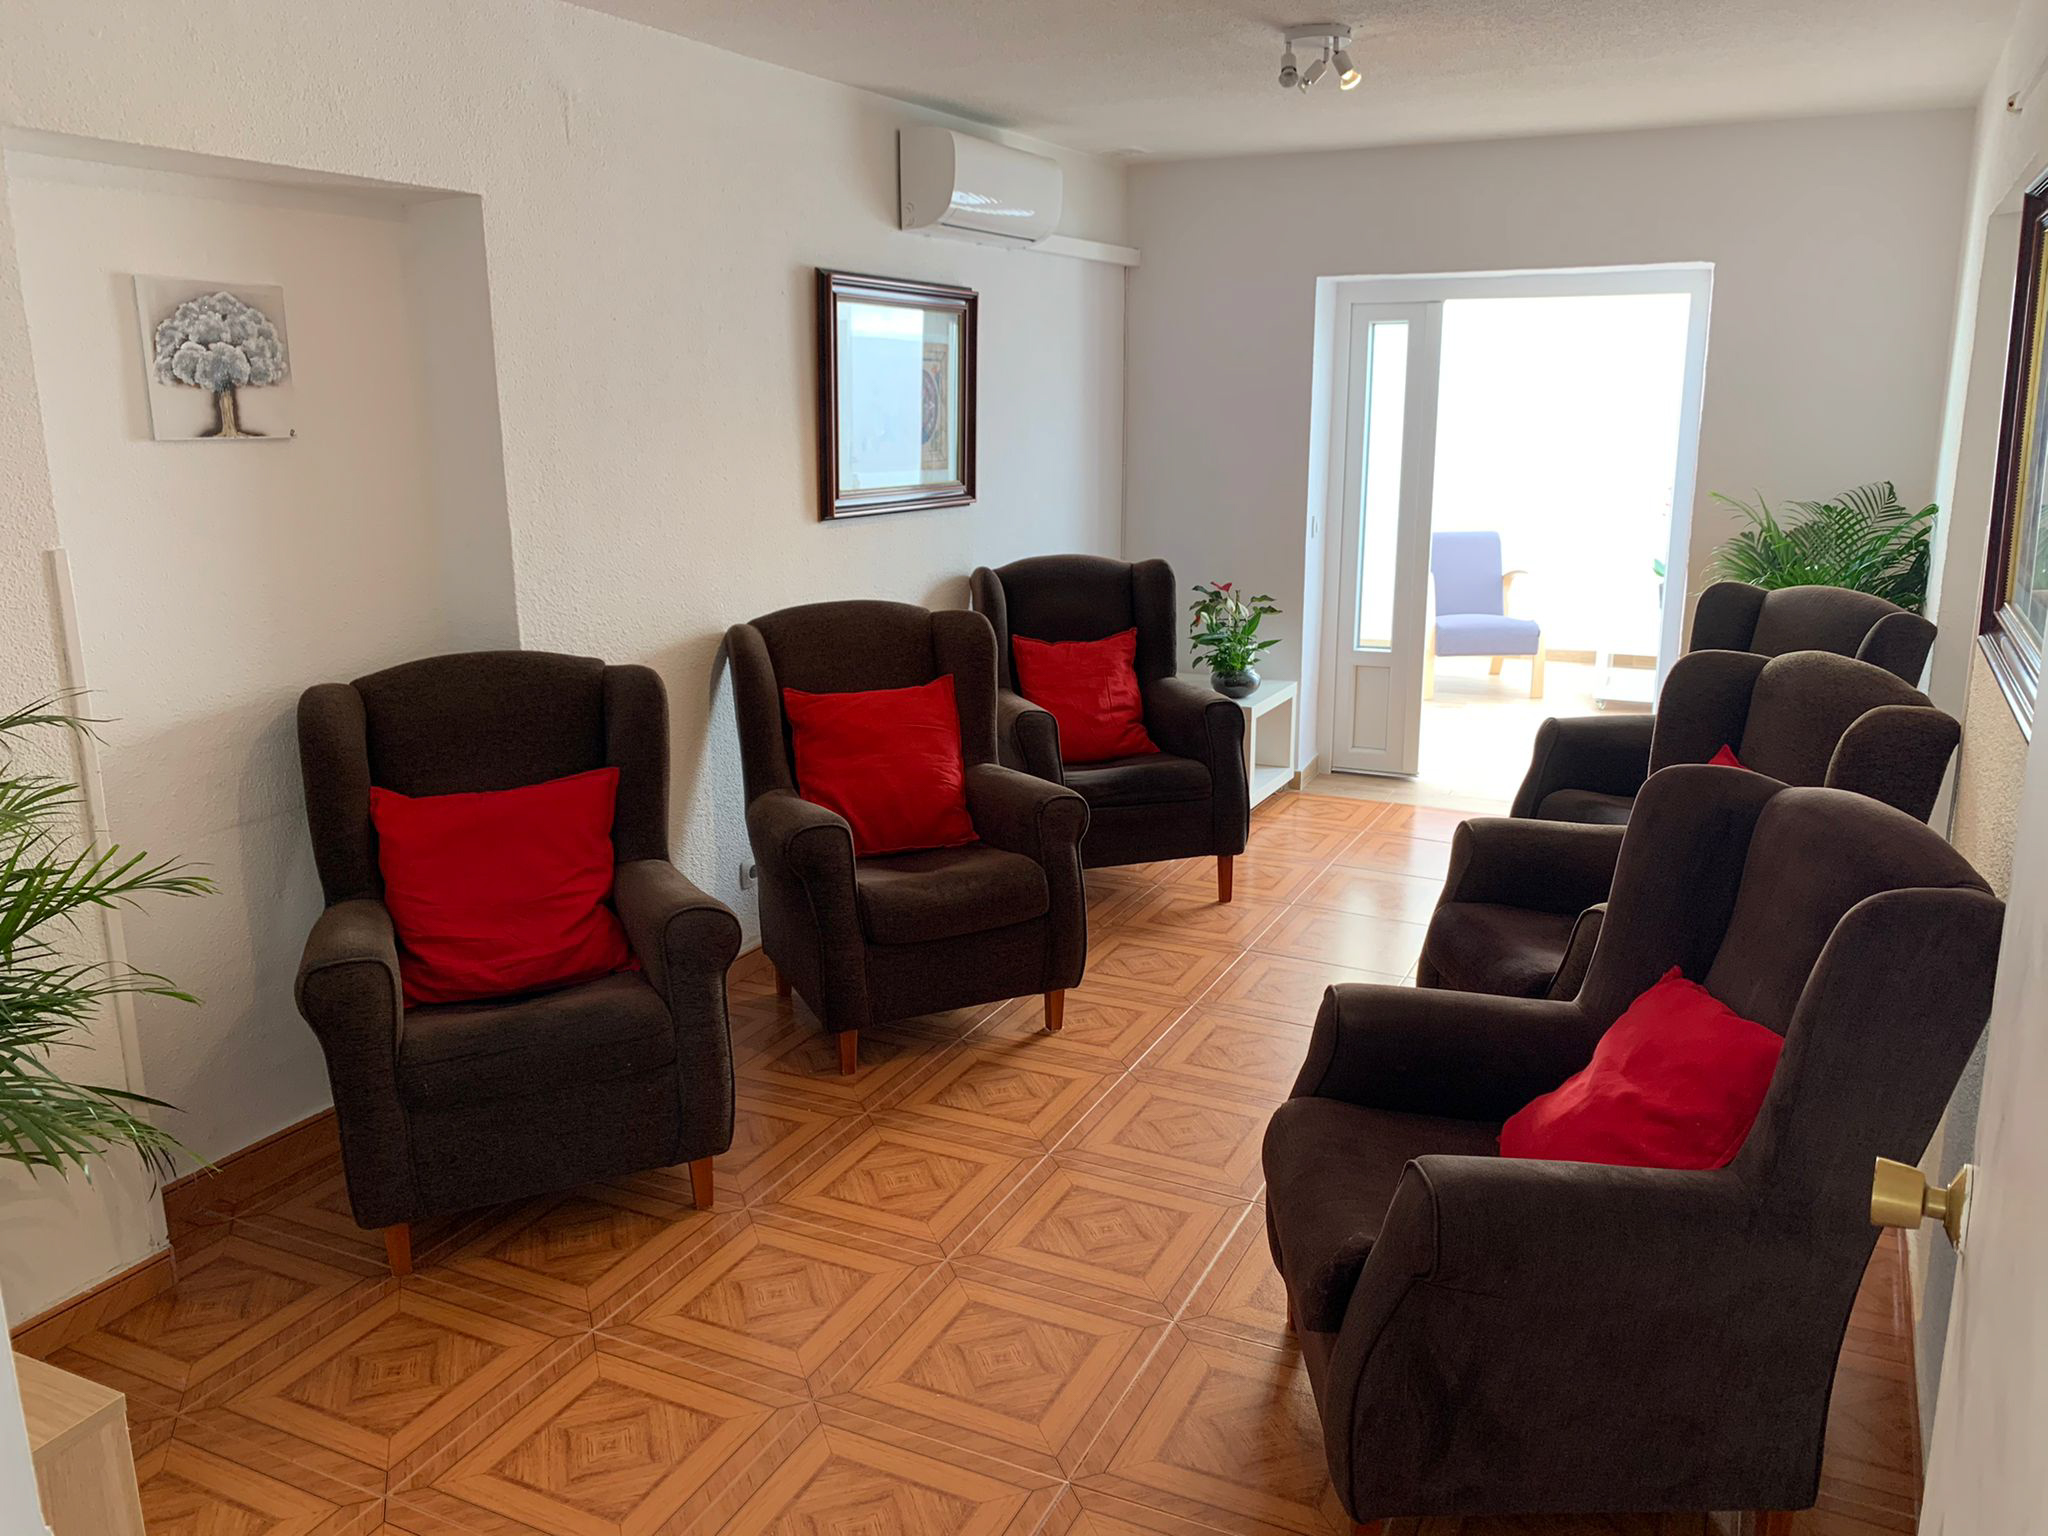 Residencia_Villa_Victoria_Sala_de_estar_2